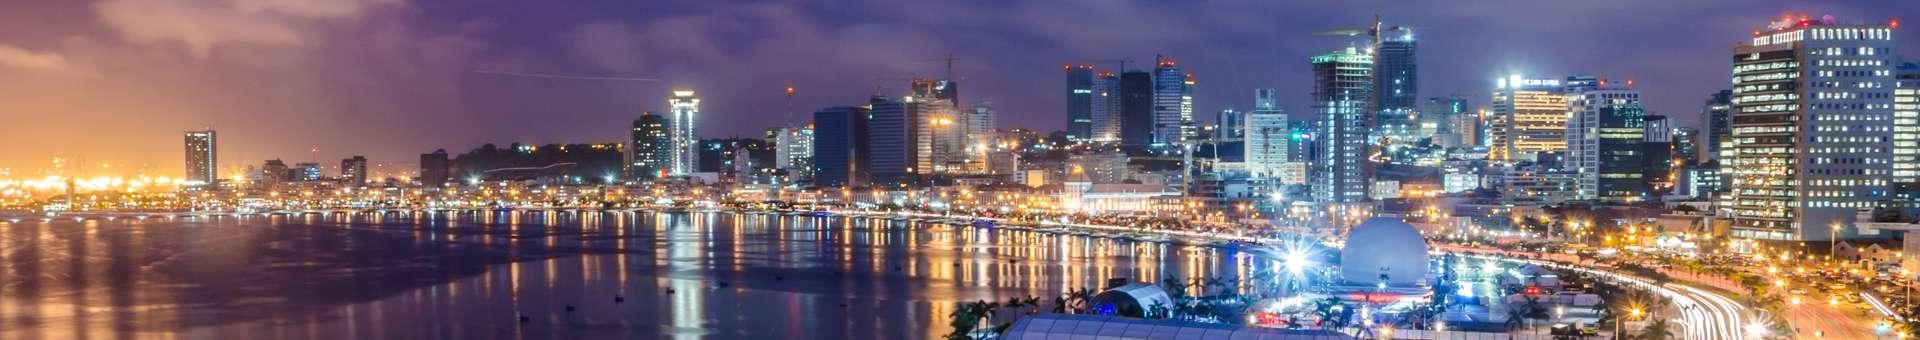 Rechercher des informations WHOIS sur les noms de domaine en Angola